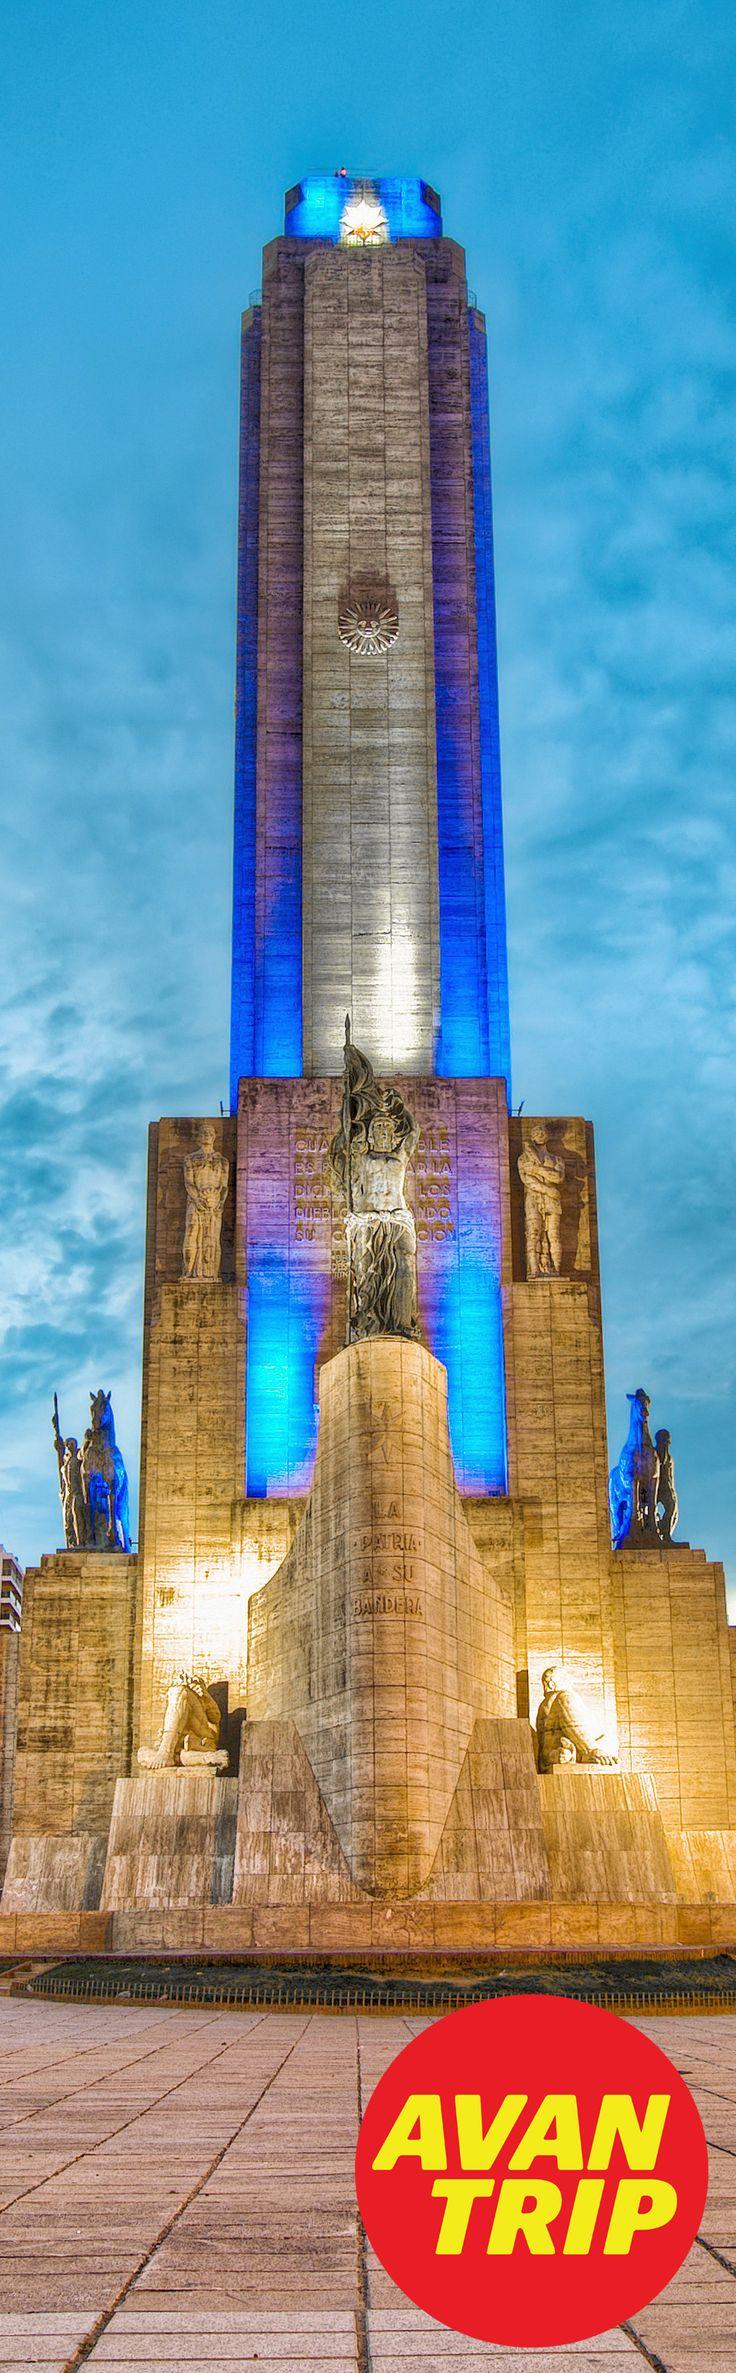 Adivinanza: ¿En qué lugar sacamos esta foto? - Contestá con #AvantripQuizViajero - Mucha Suerte! - #Rosaio #MonumentoALaBandera #Argentina #Bandera #Monumento #SantaFe